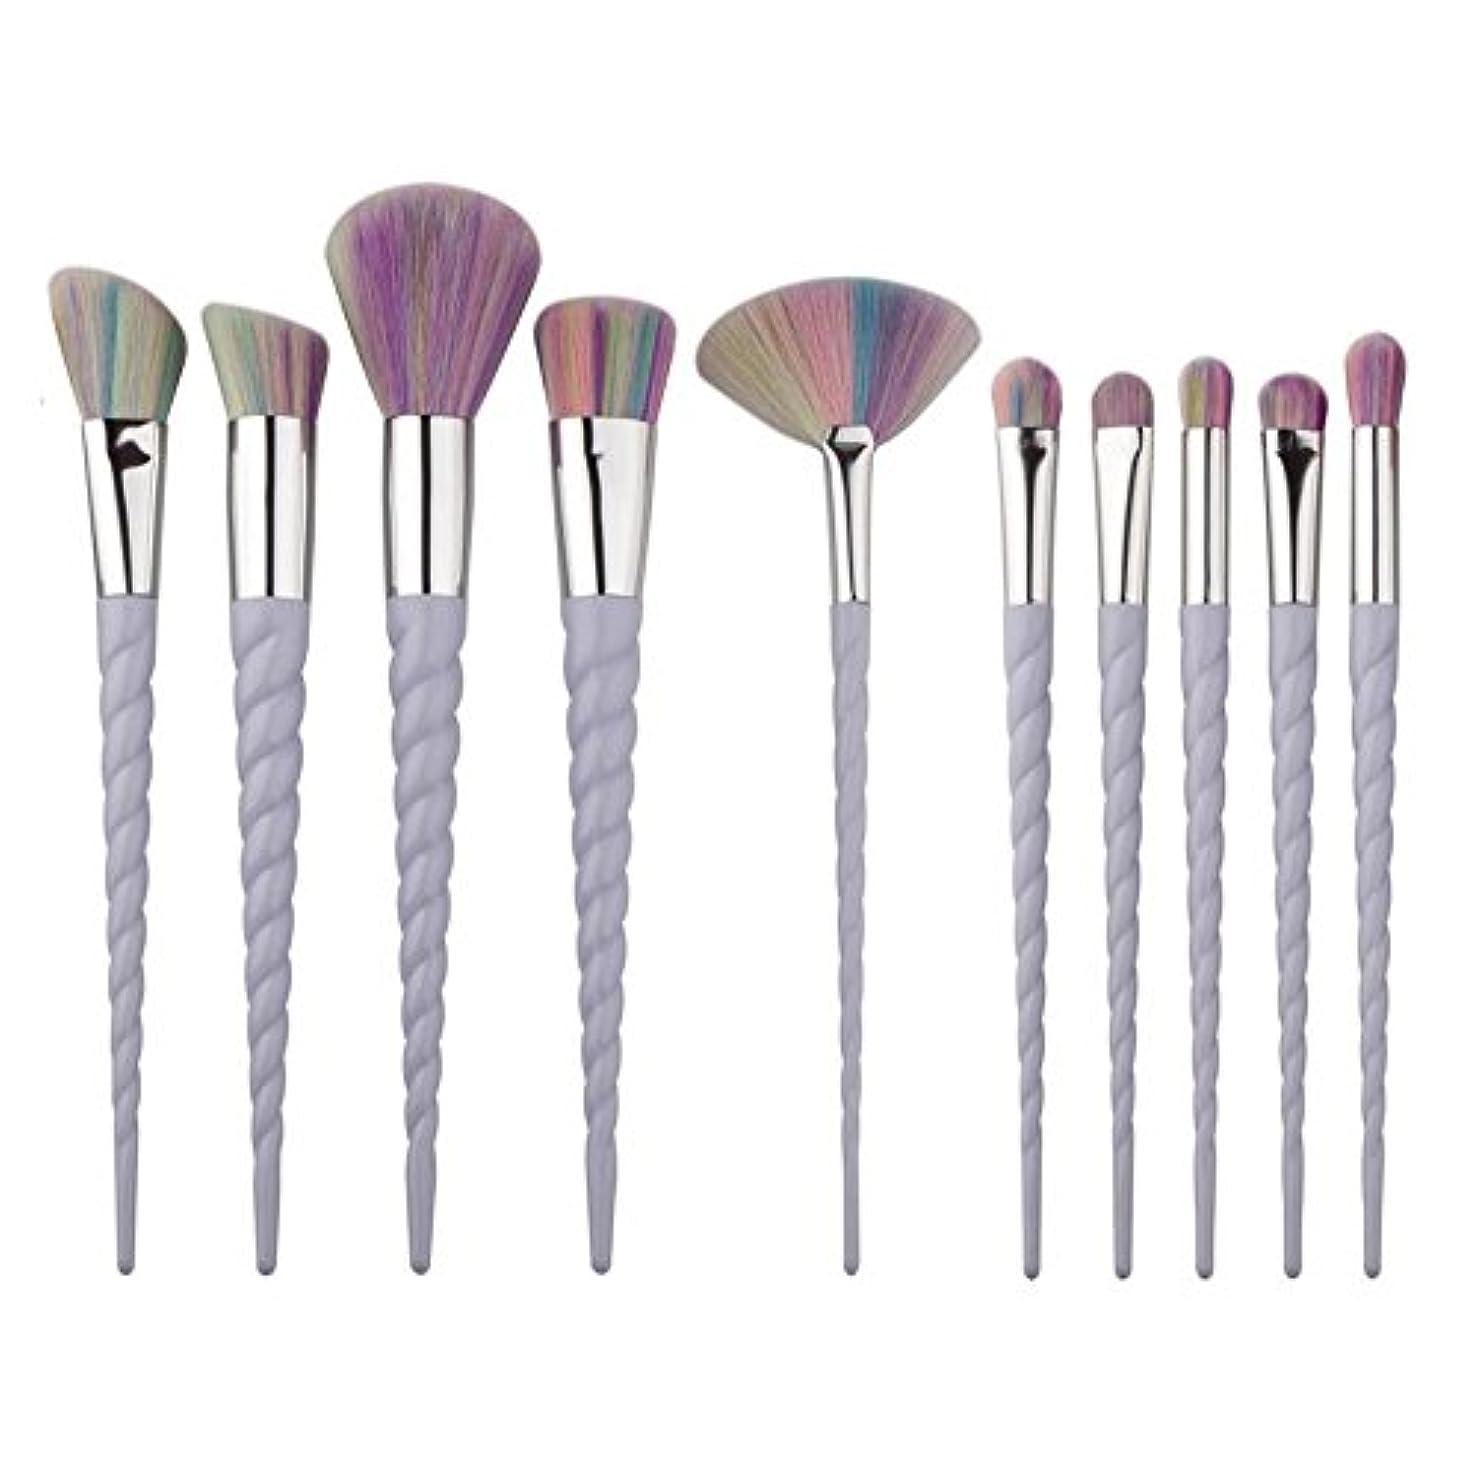 どう?お勧め今晩Dilla Beauty 10本セットユニコーンデザインプラスチックハンドル形状メイクブラシセット合成毛ファンデーションブラシアイシャドーブラッシャー美容ツール (ホワイト-1)